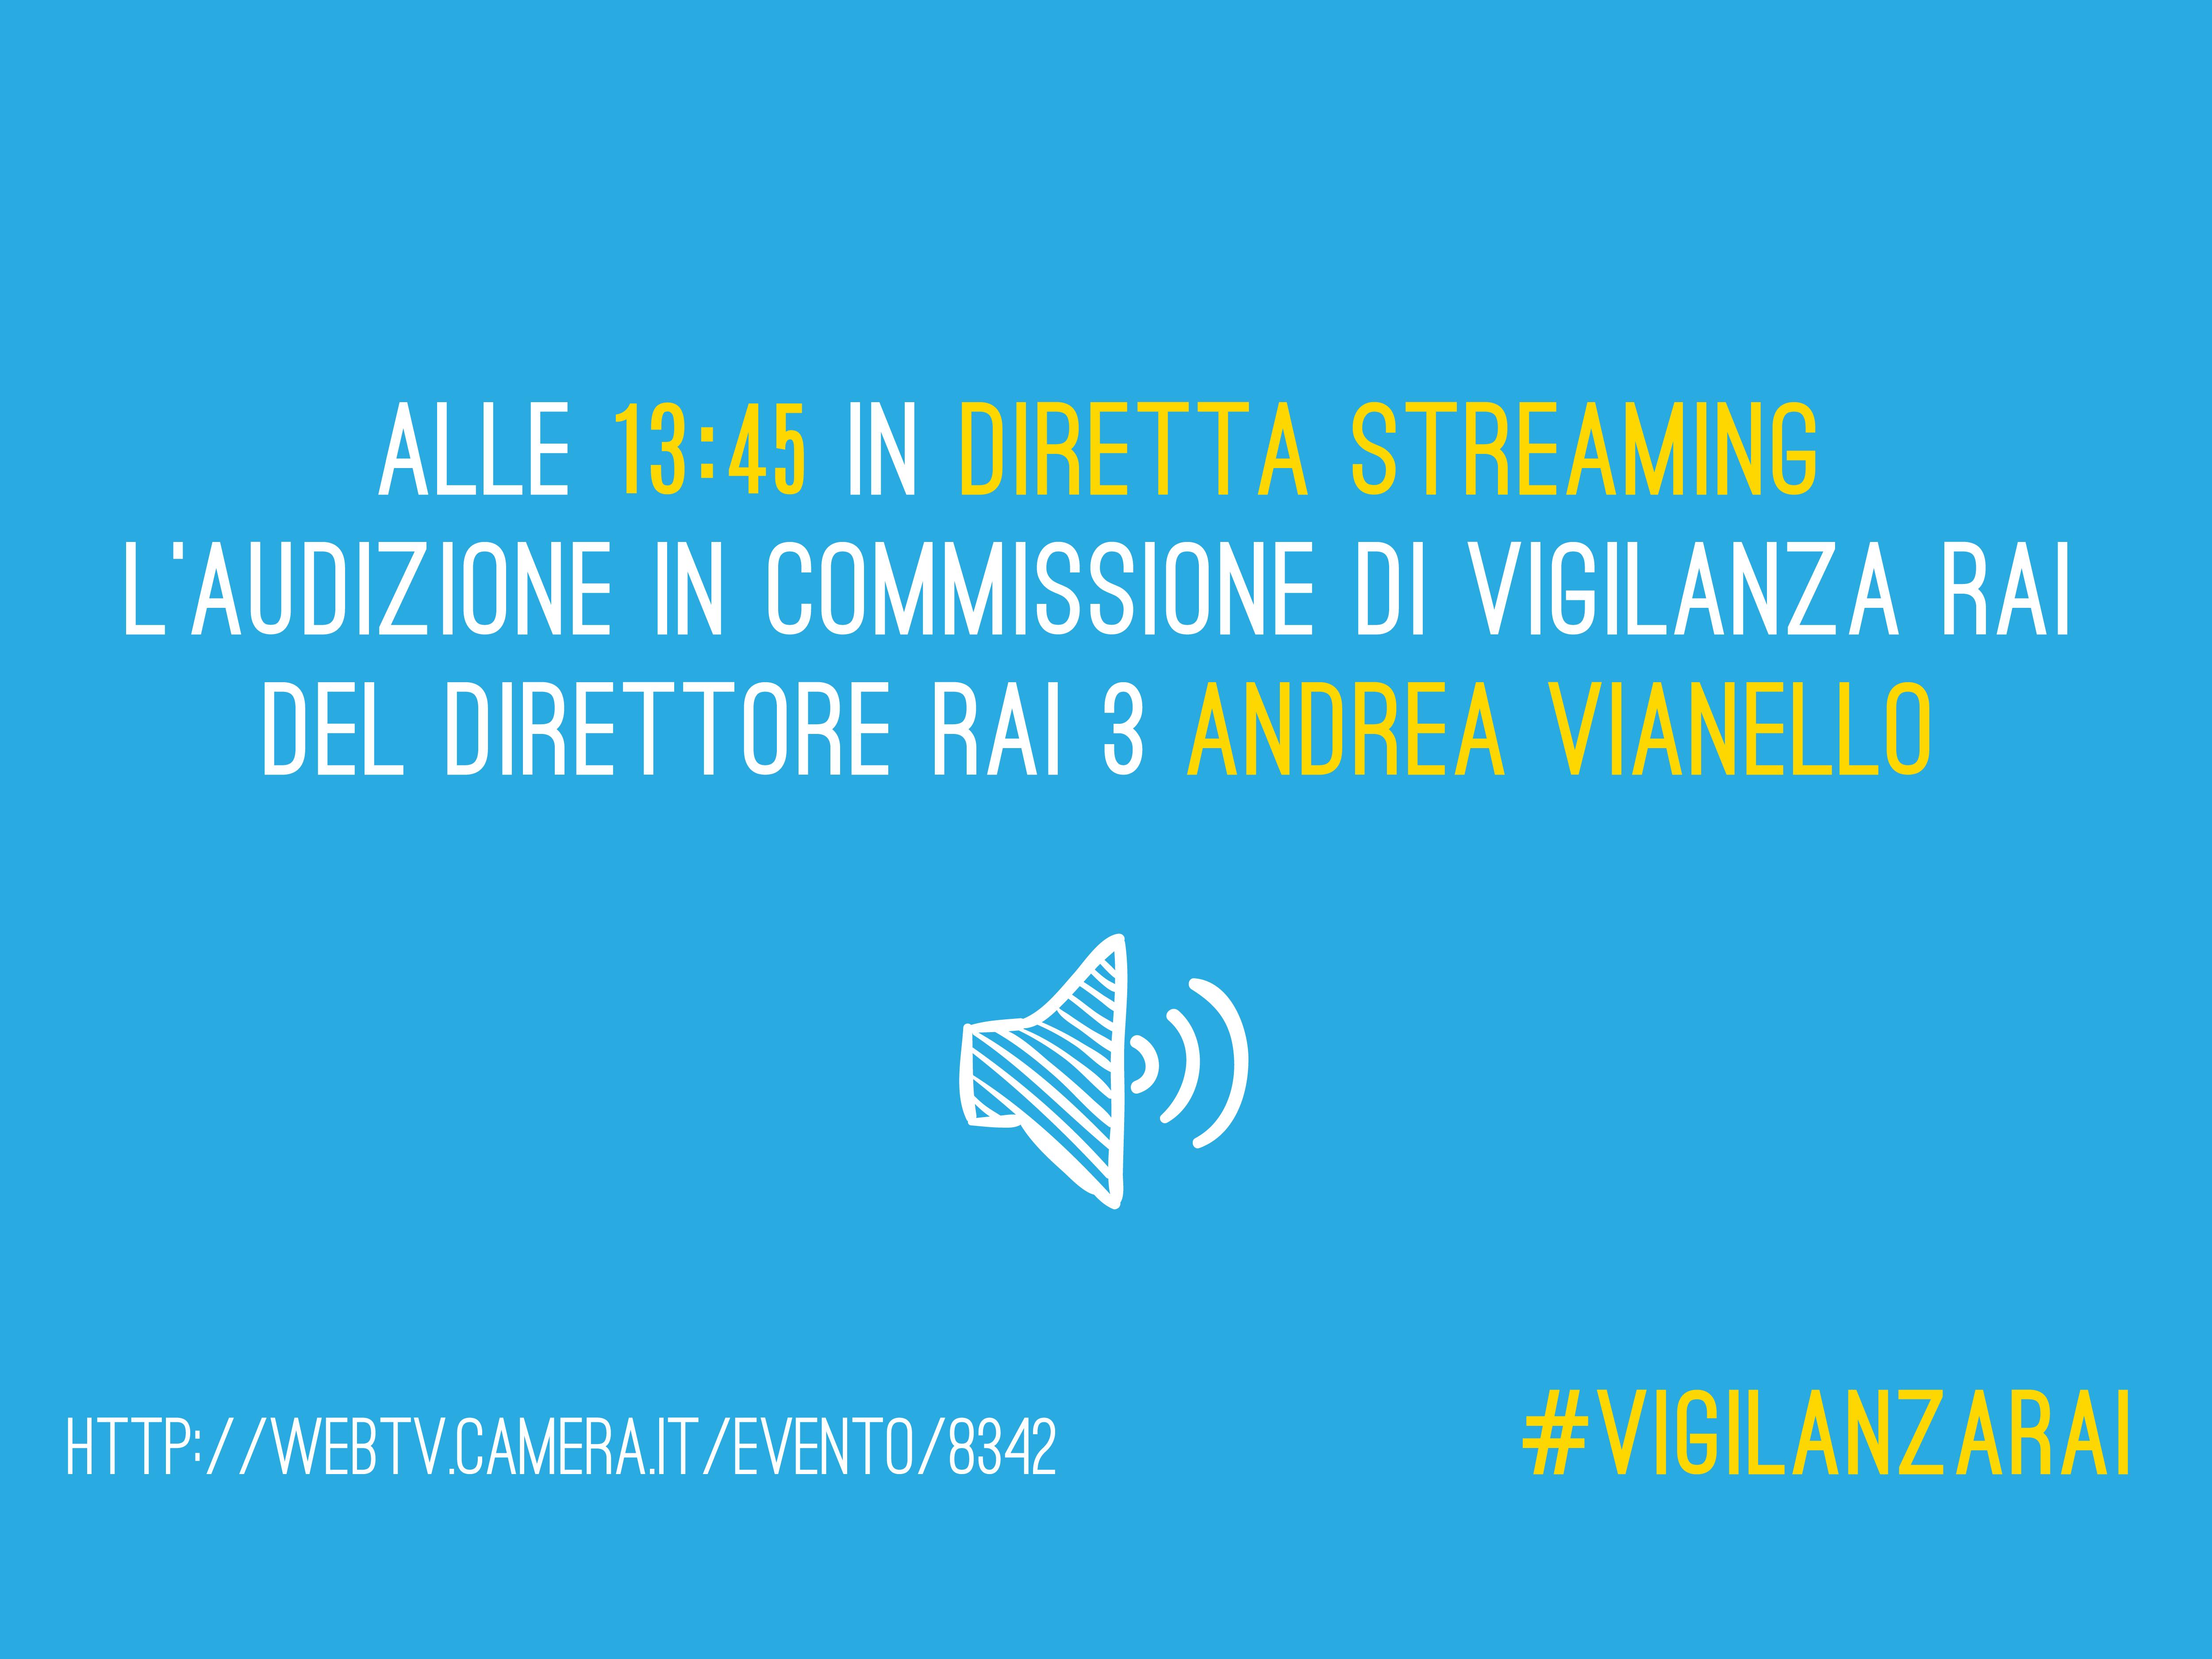 audizione_commissione_22-09-2015_vianello-2